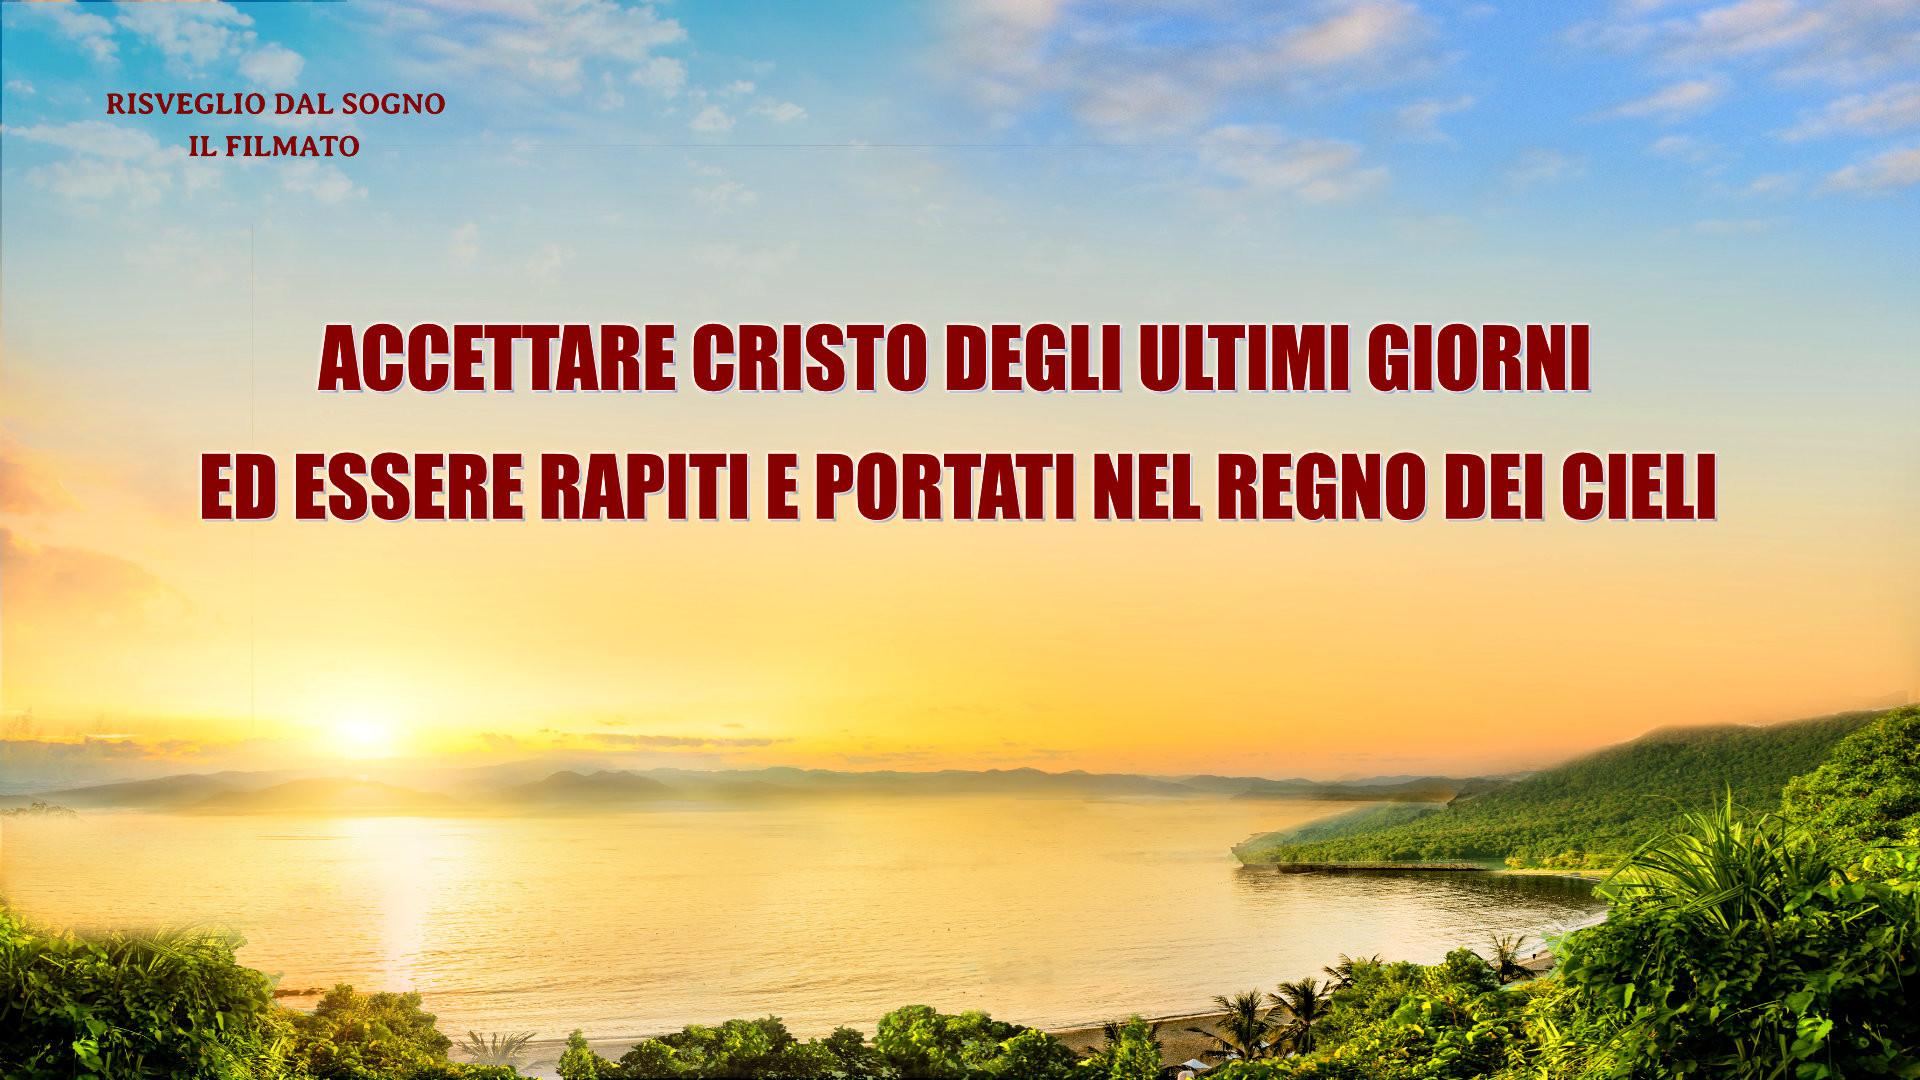 Accettare Cristo degli ultimi giorni ed essere rapiti e portati nel Regno dei Cieli